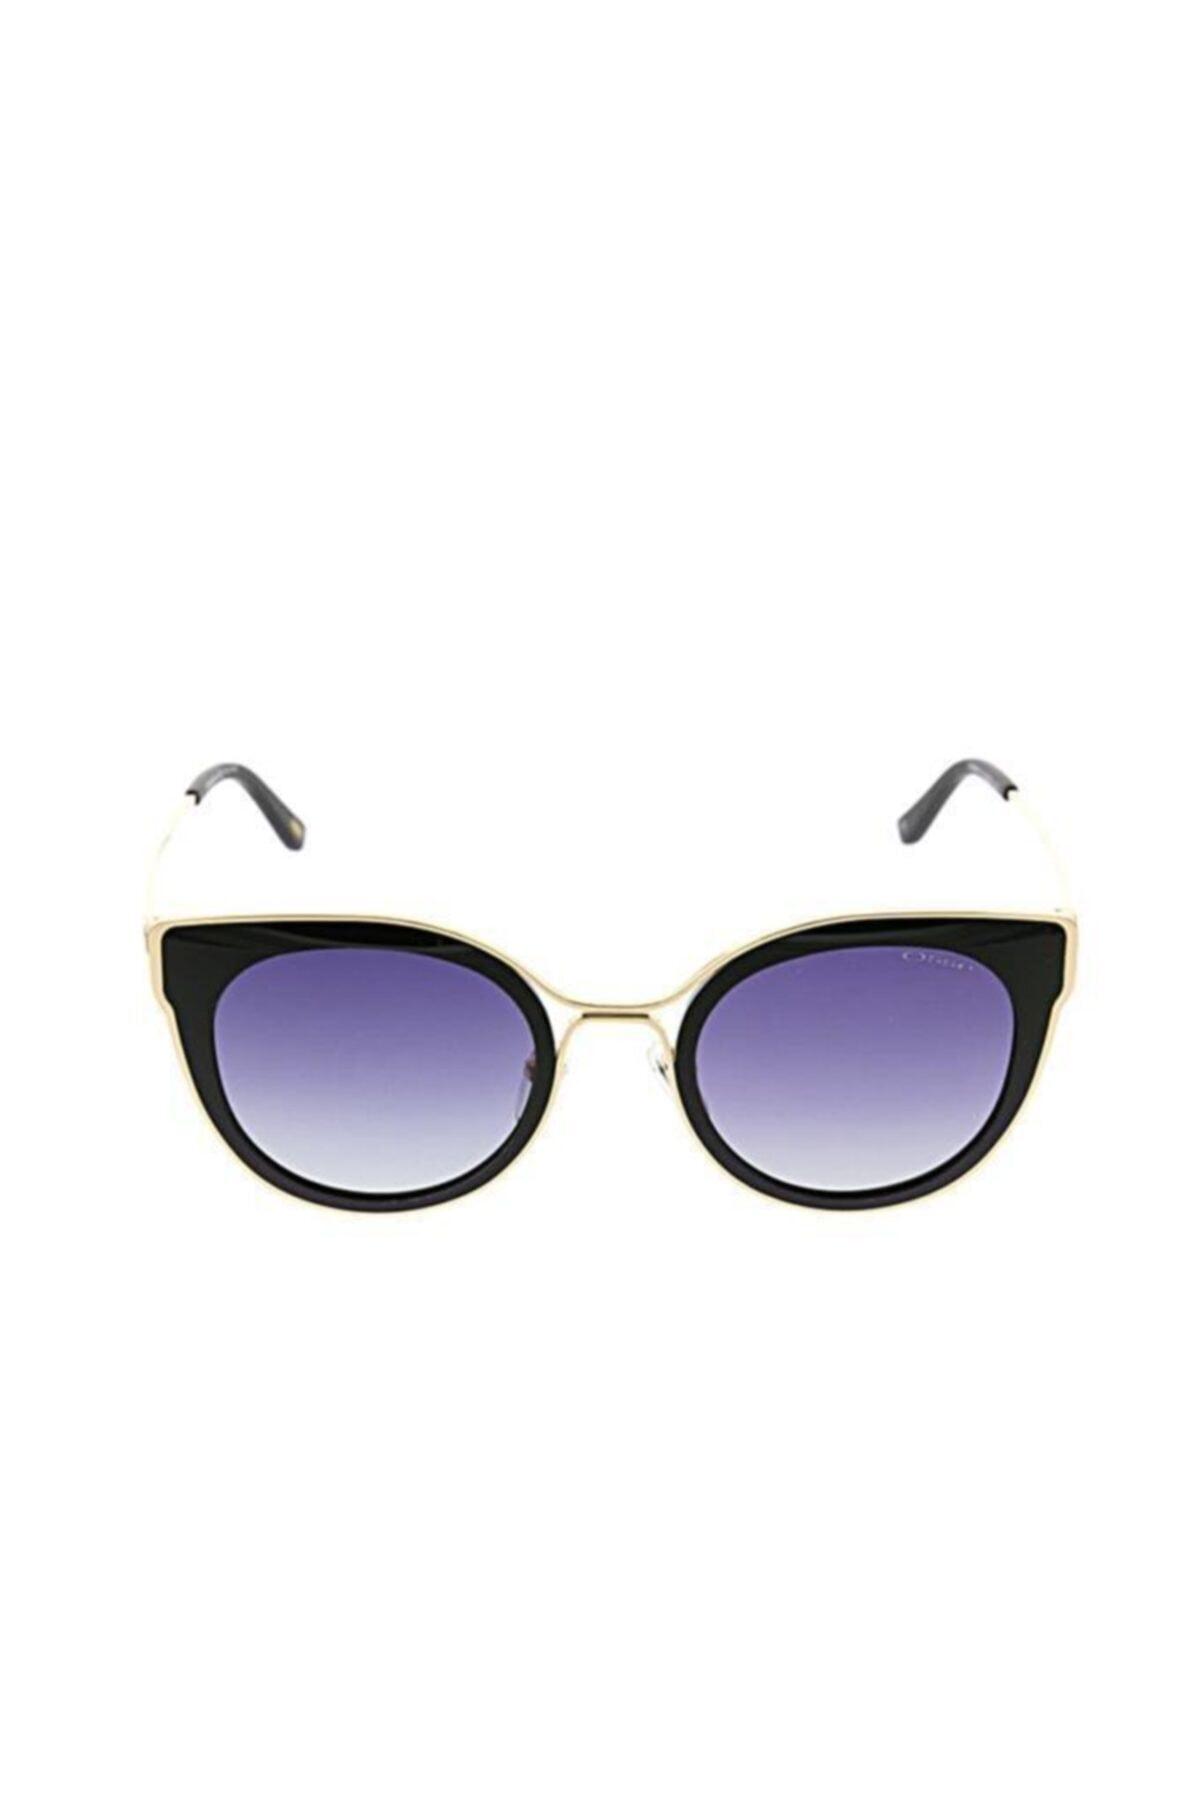 Osse Os 2566 03 Kadın Güneş Gözlüğü 1